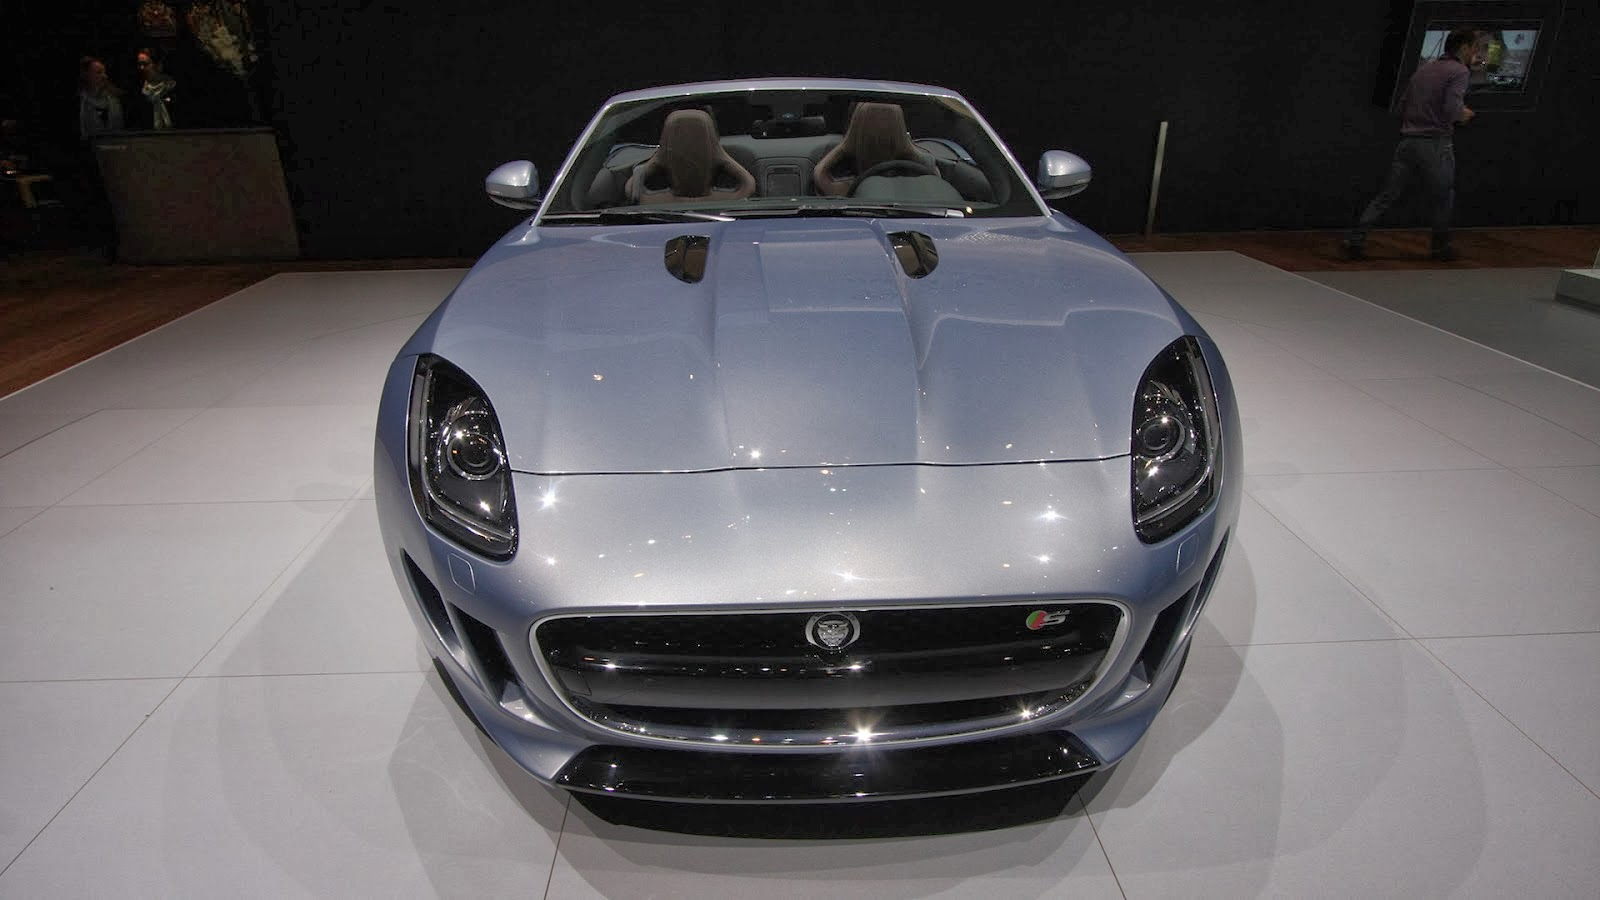 Jaguar Cars Hd Wallpapers And Photos